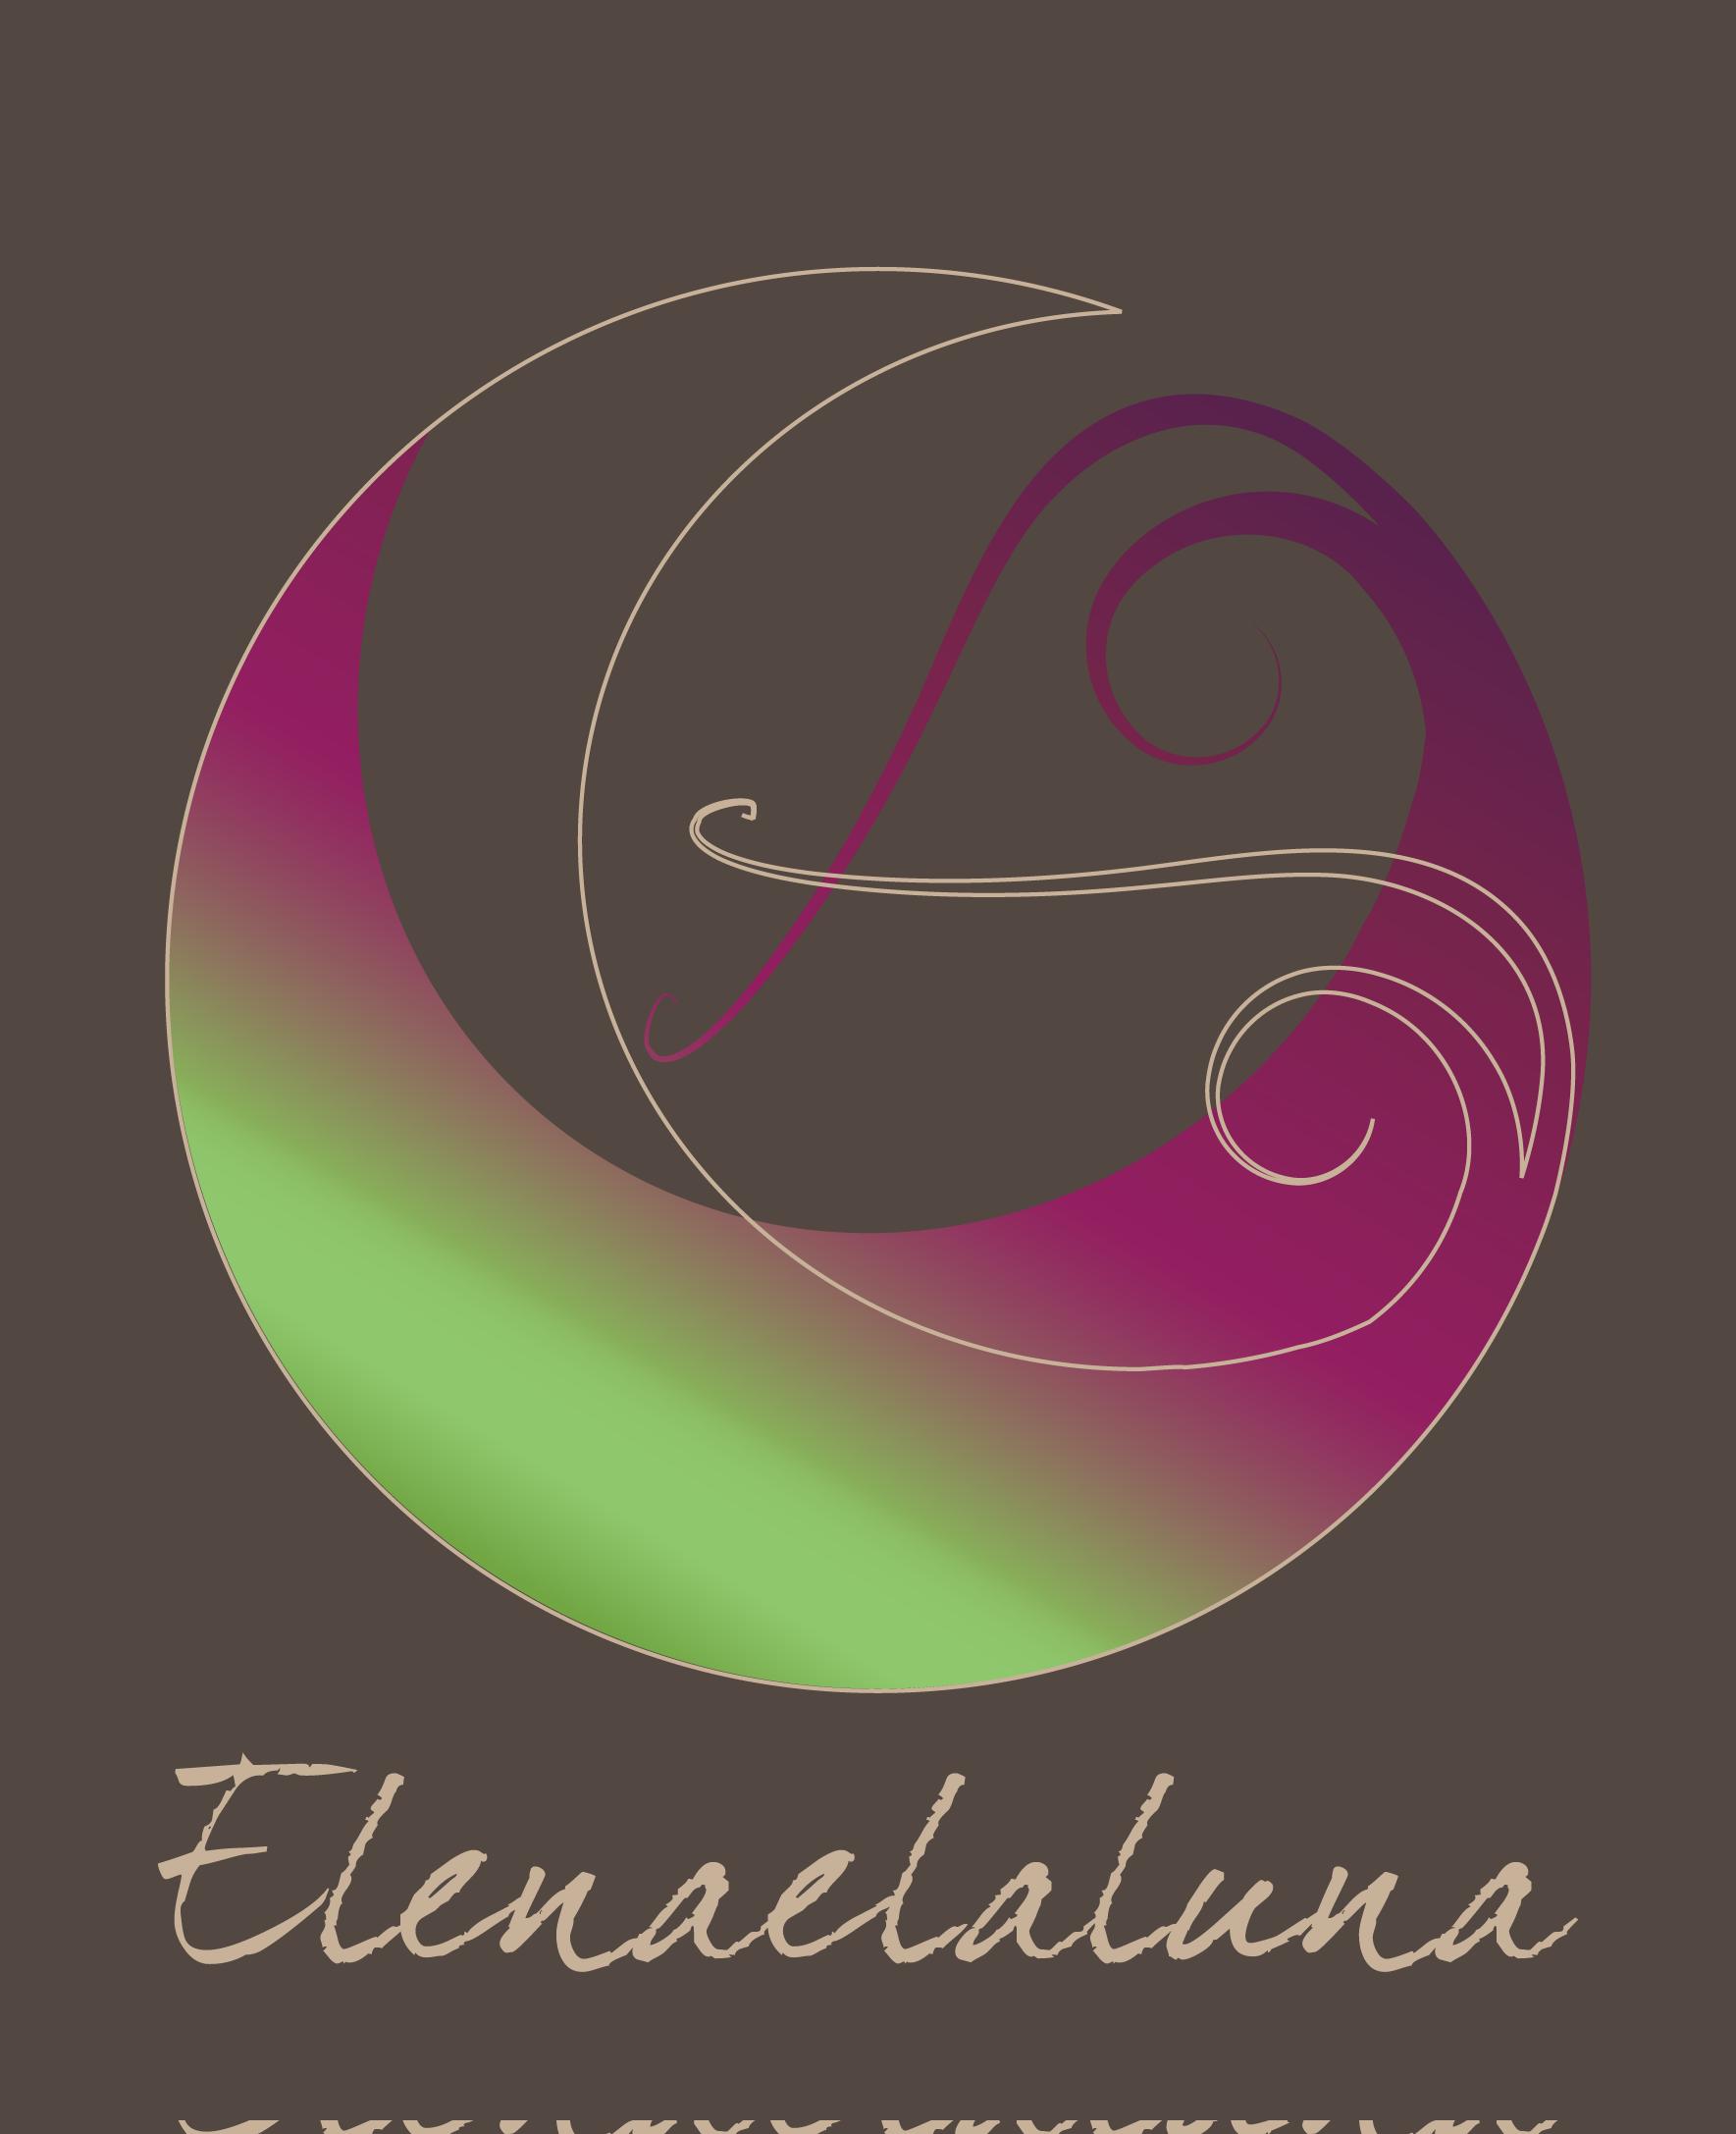 www.elenaelaluna.it